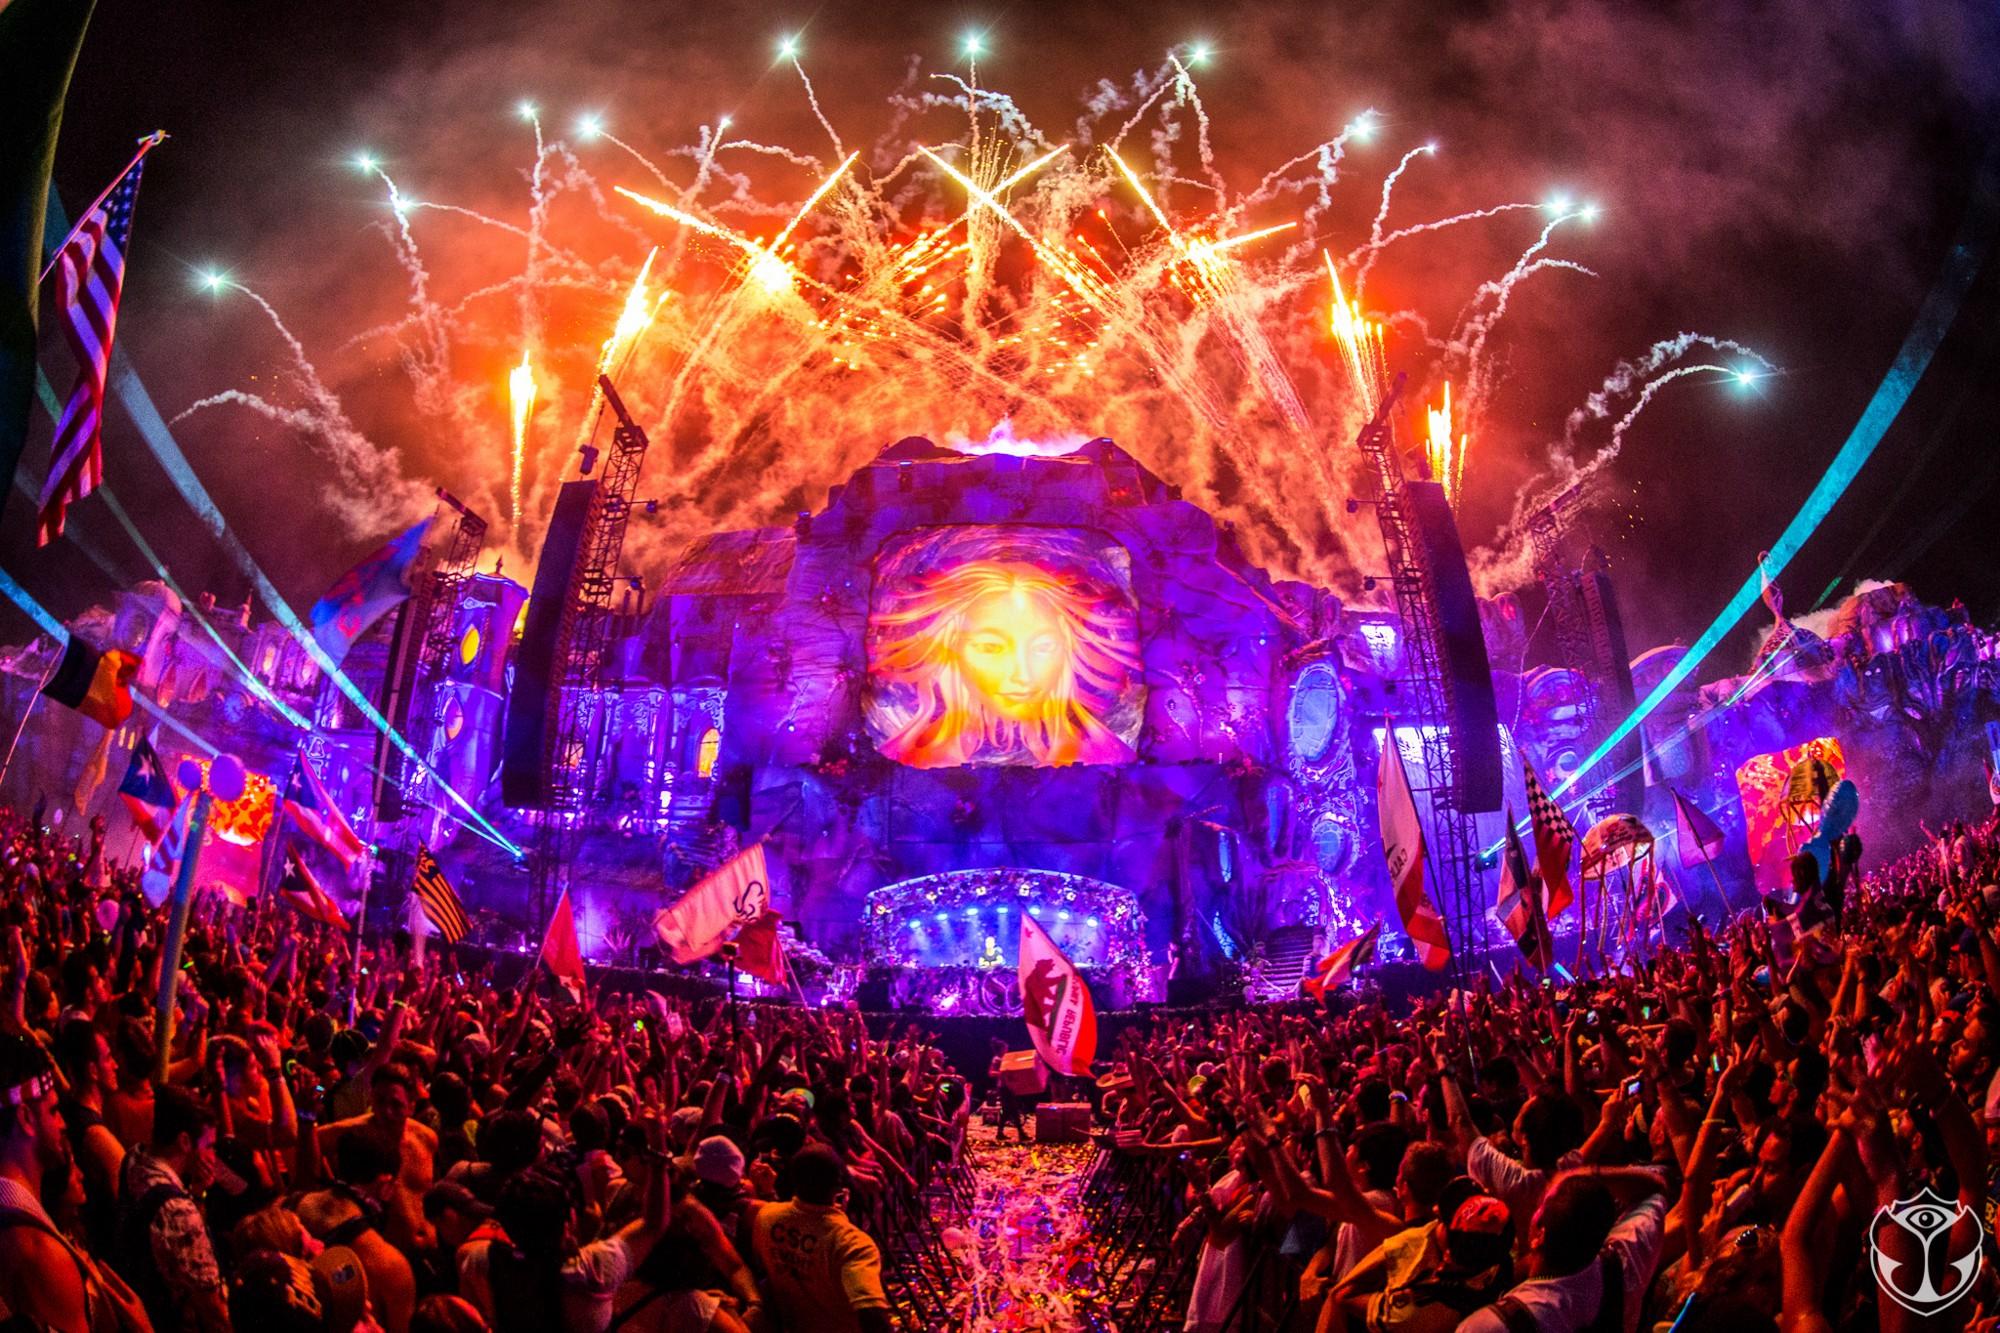 世界最大級のedmフェス Tomorrowland トゥモローランド とは Mnn